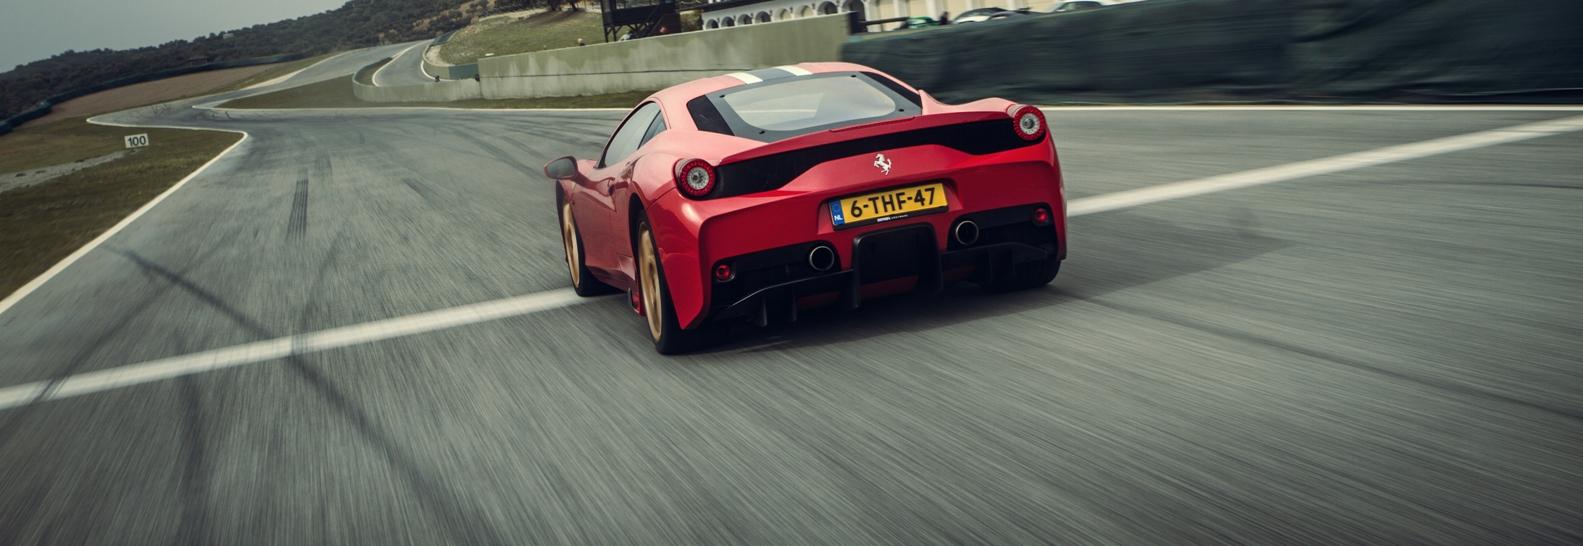 Ferrari 458 Speciale op Ascari tijdens een trackday van Driving Fun